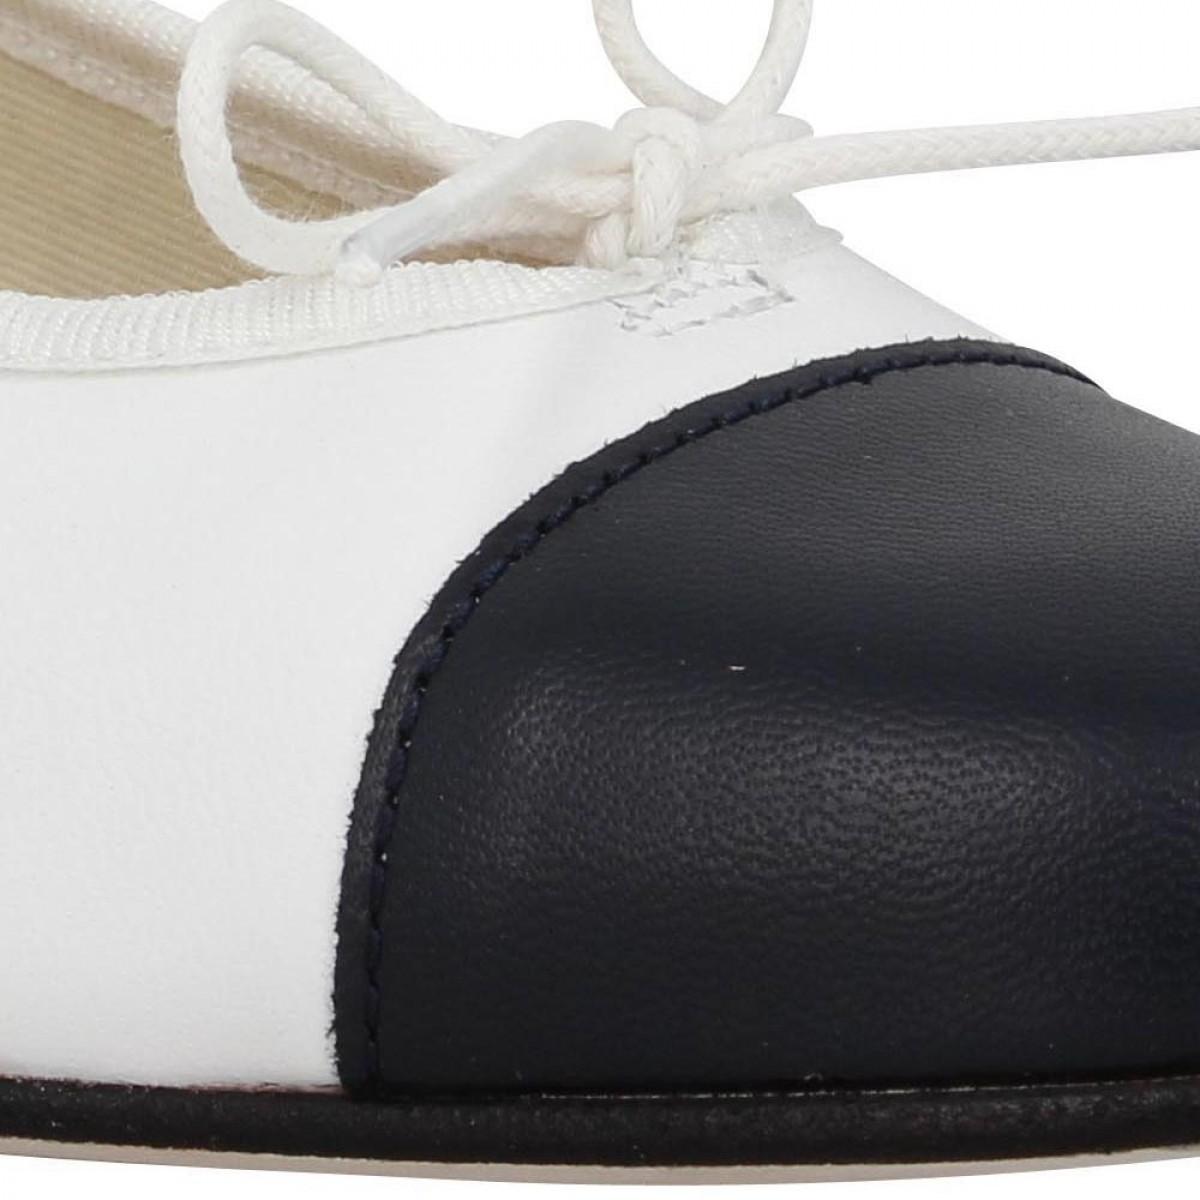 HIRICA Orly cuir Femme Blanc + Marine